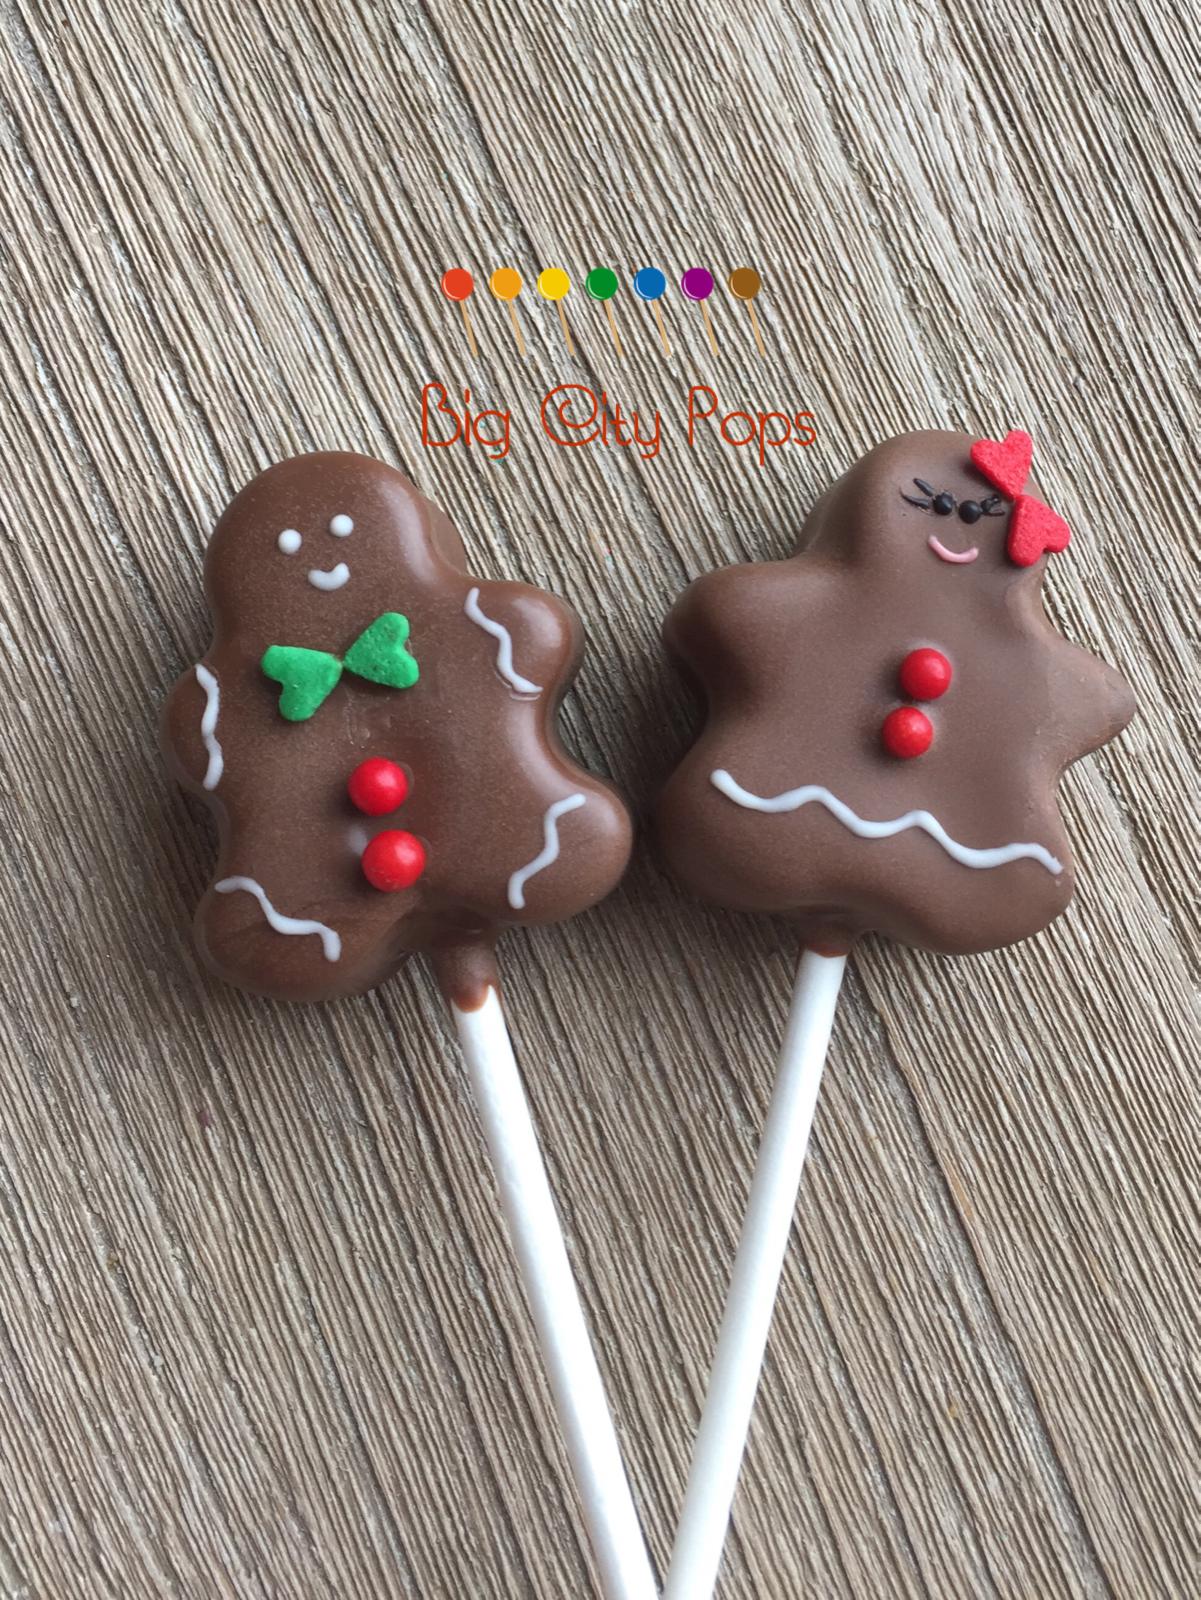 Gingerbread men cakepops. Gingerbread people desserts